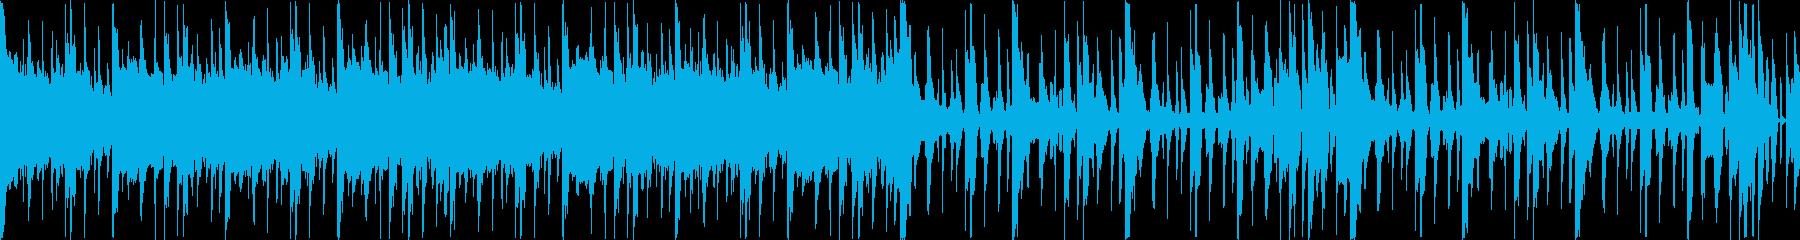 【メロ&掛声なし・ループ】和ヒップホップの再生済みの波形